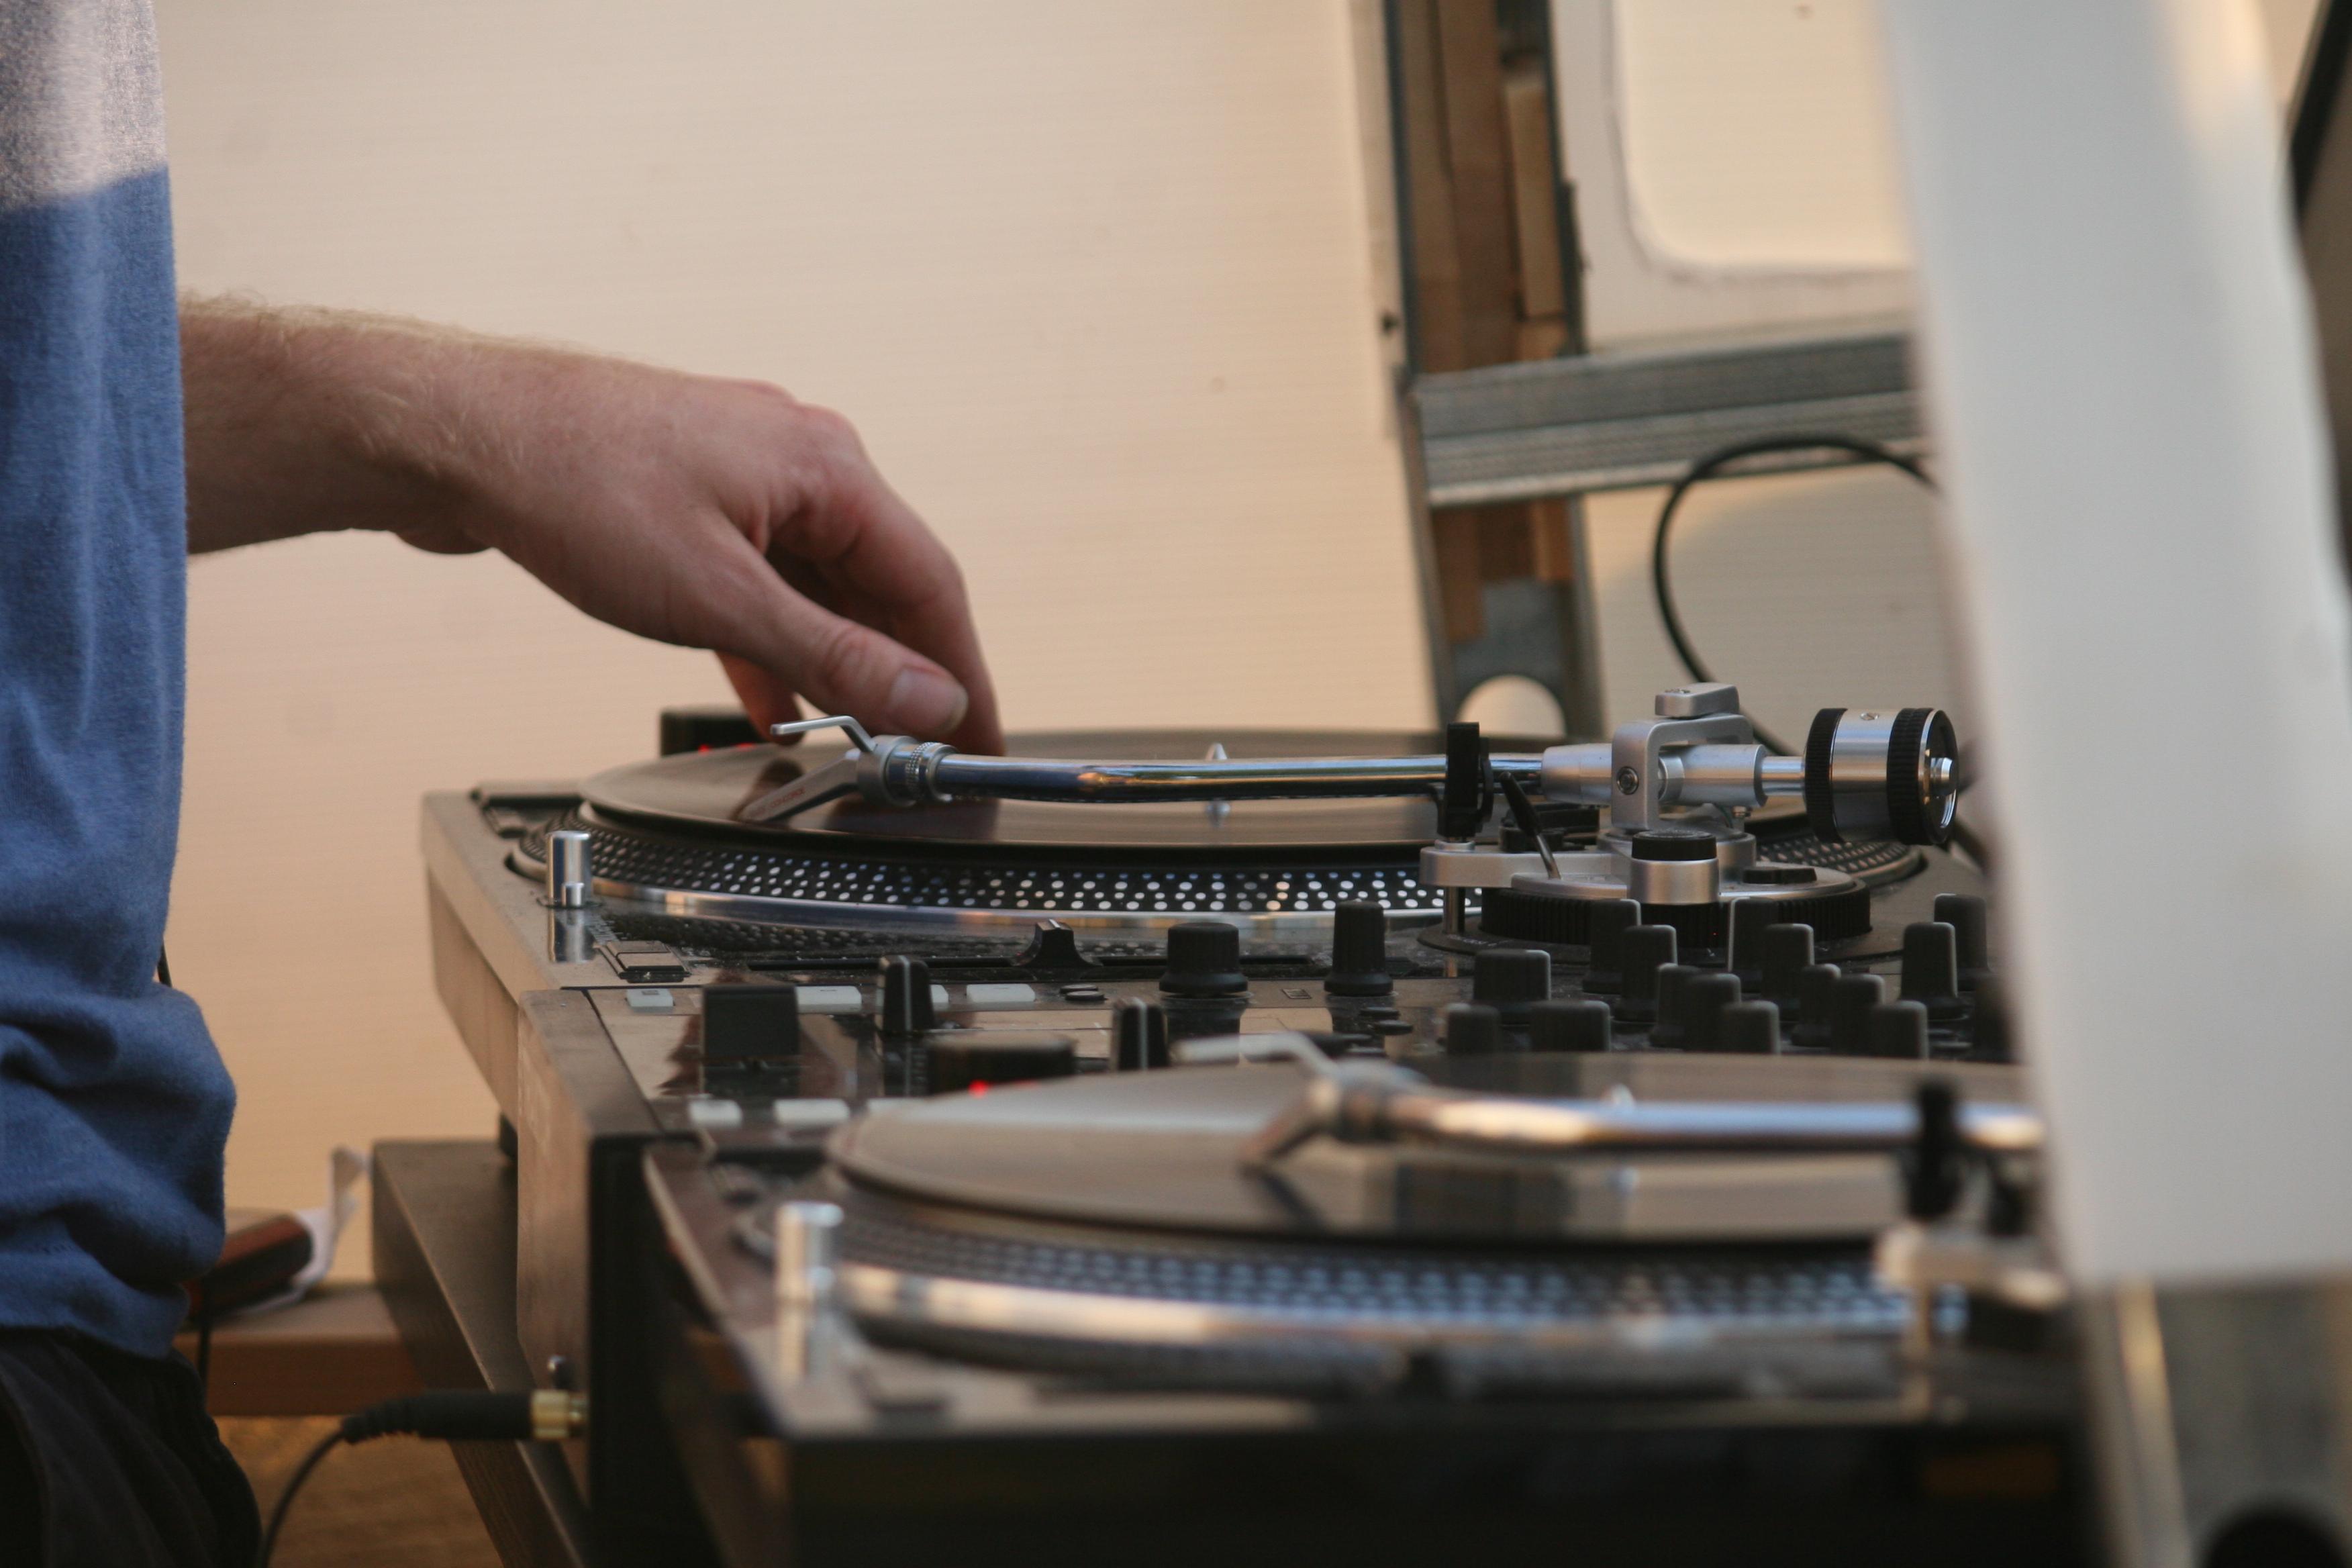 Location de deux platines vinyles et d'une table de mixage pour un open-air.